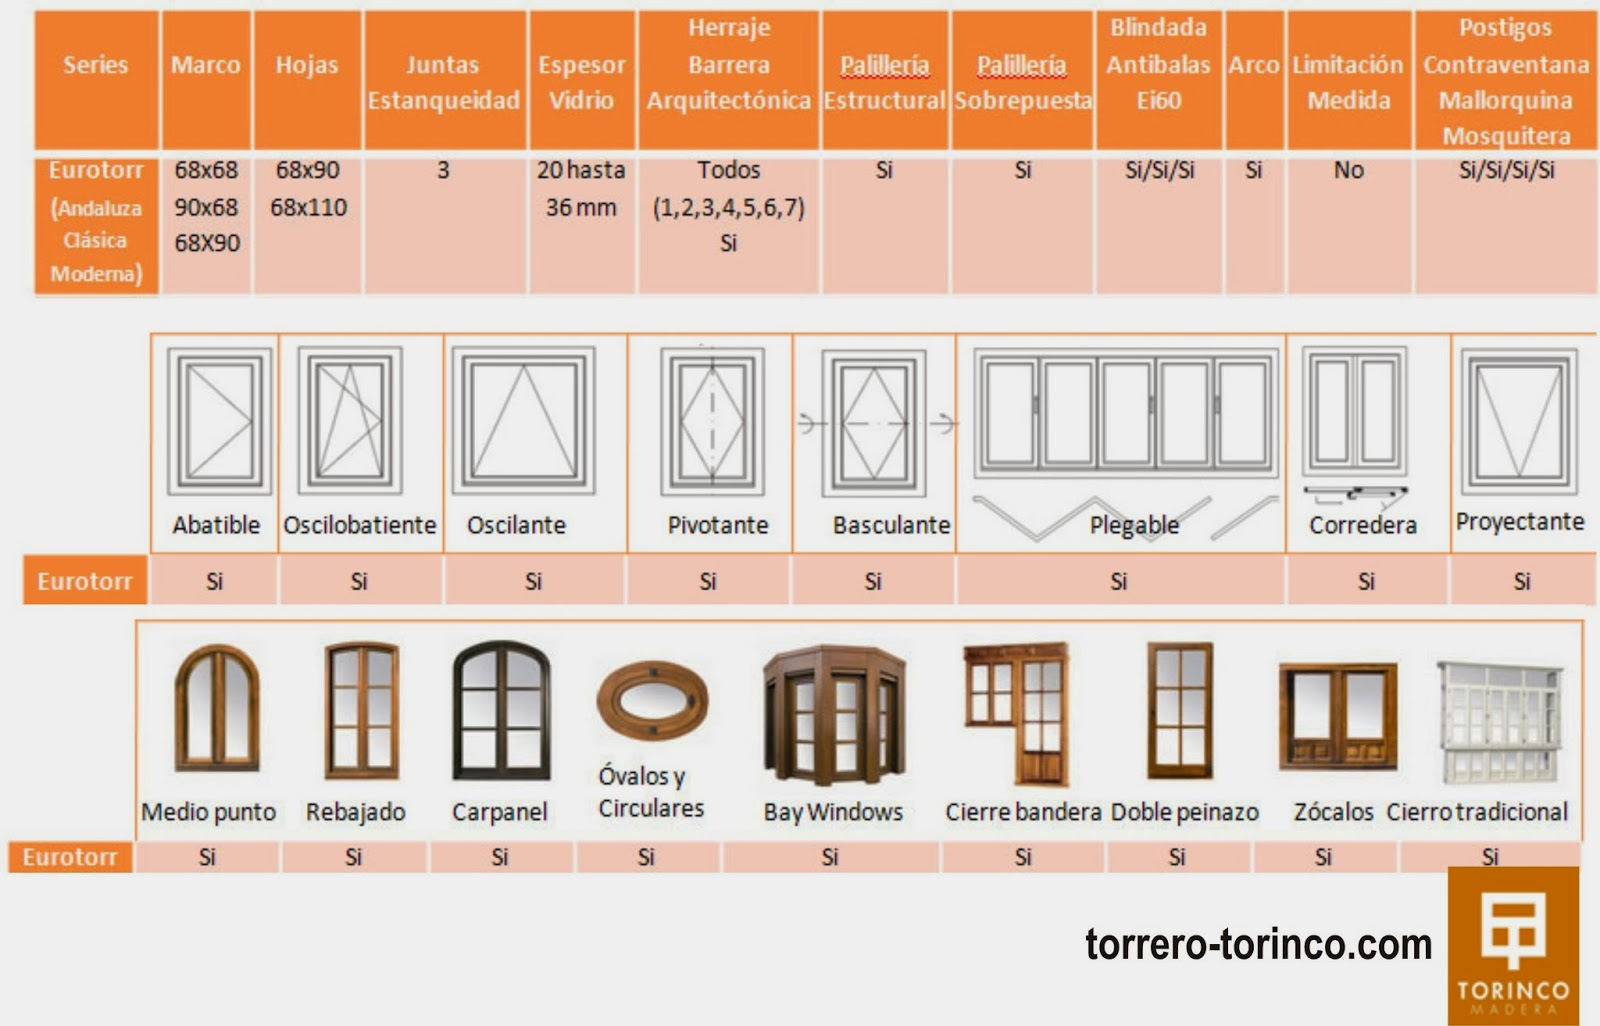 Casa de este alojamiento ventanas de madera a medida la plata for Precio ventanas aluminio a medida